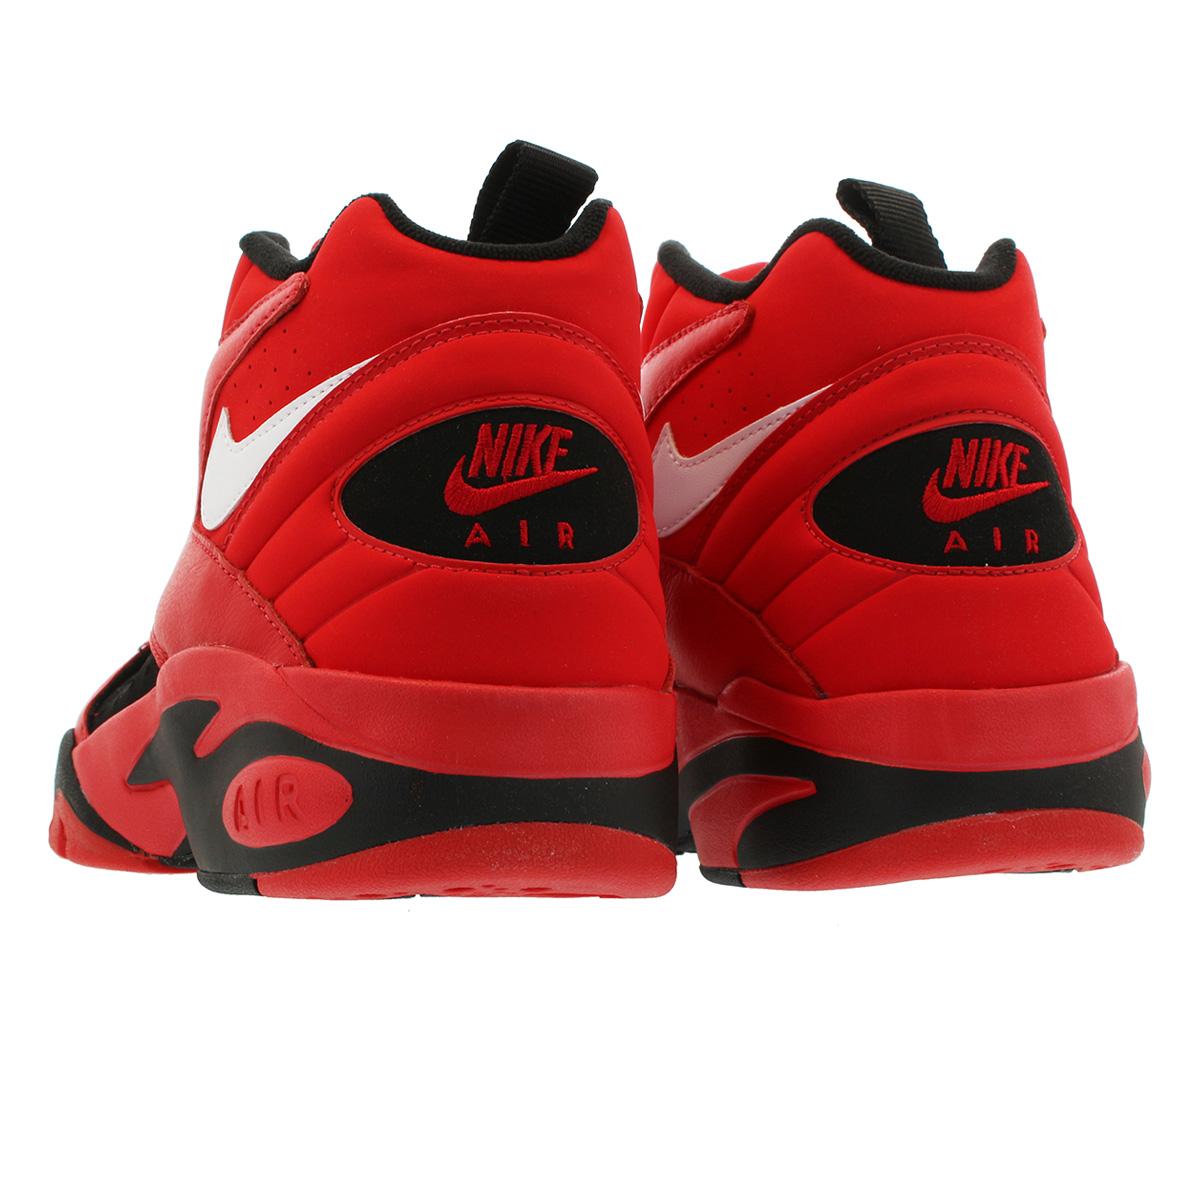 NIKE AIR MAESTRO II QS Nike air maestro 2 QS UNIVERSITY RED WHITE BLACK f06382fbf